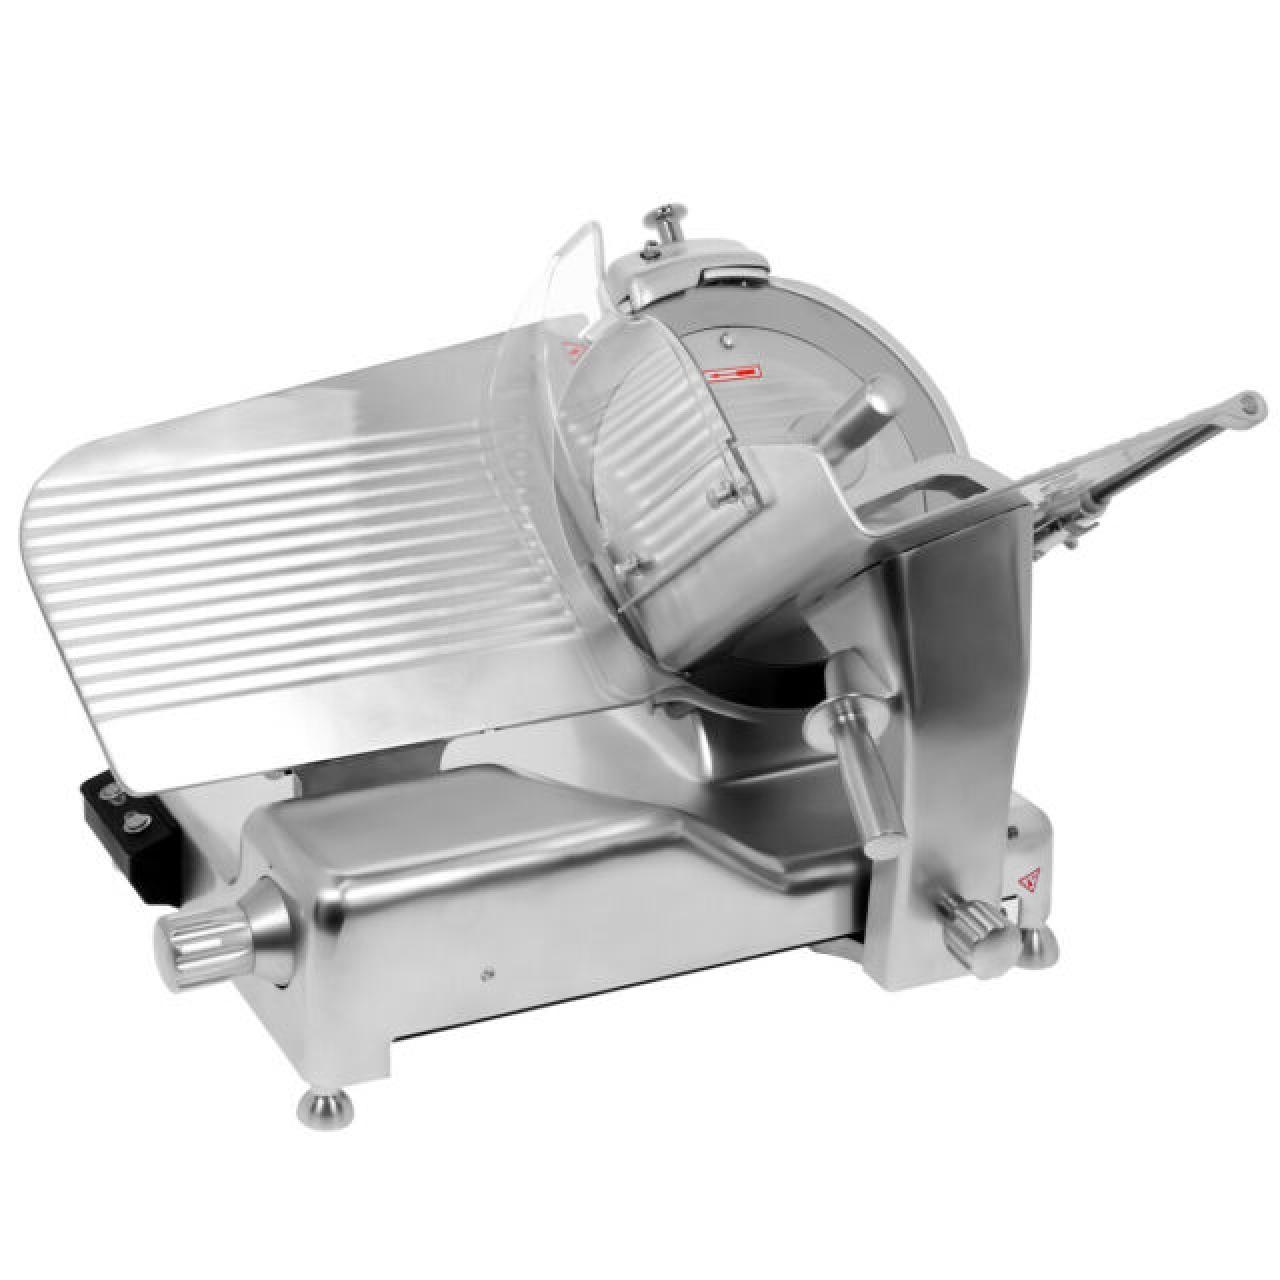 Food slicer 350mm